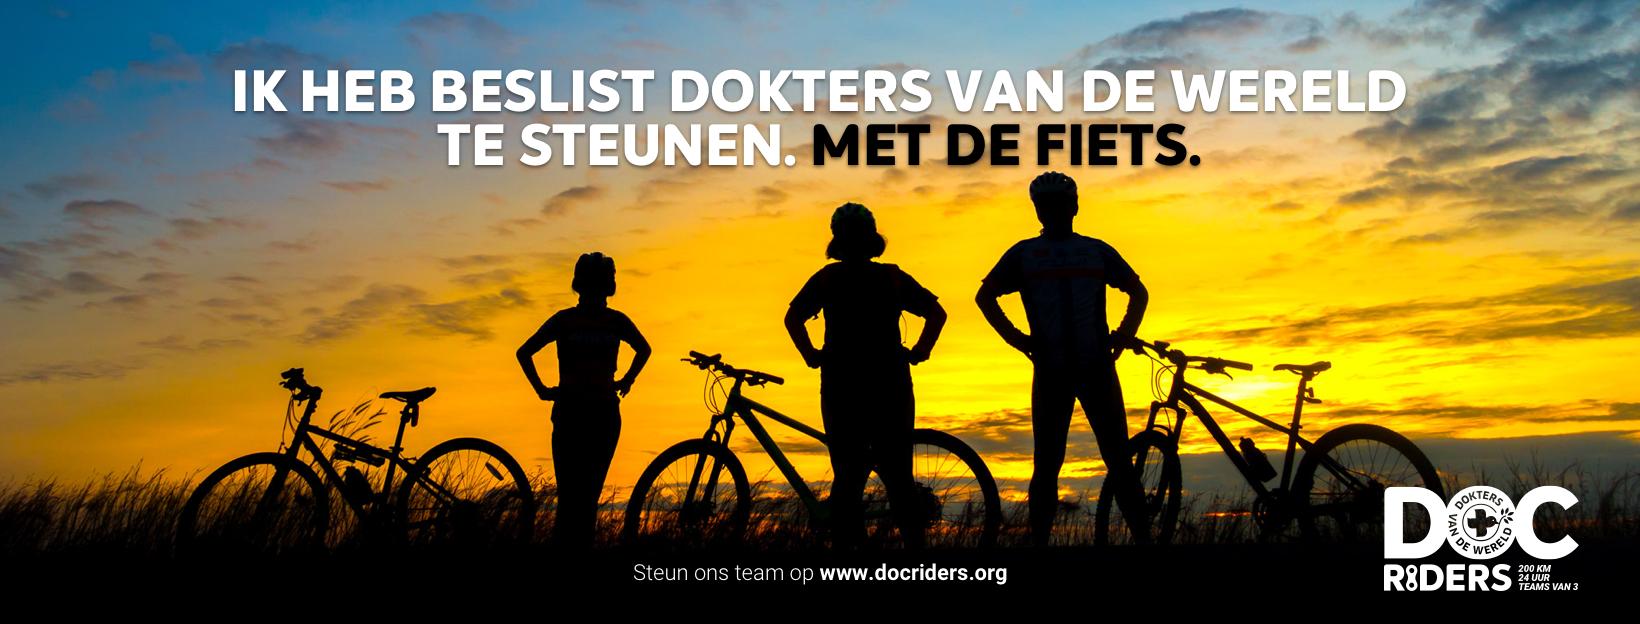 visuel - Facebook - Cover - Team - 2 - NL